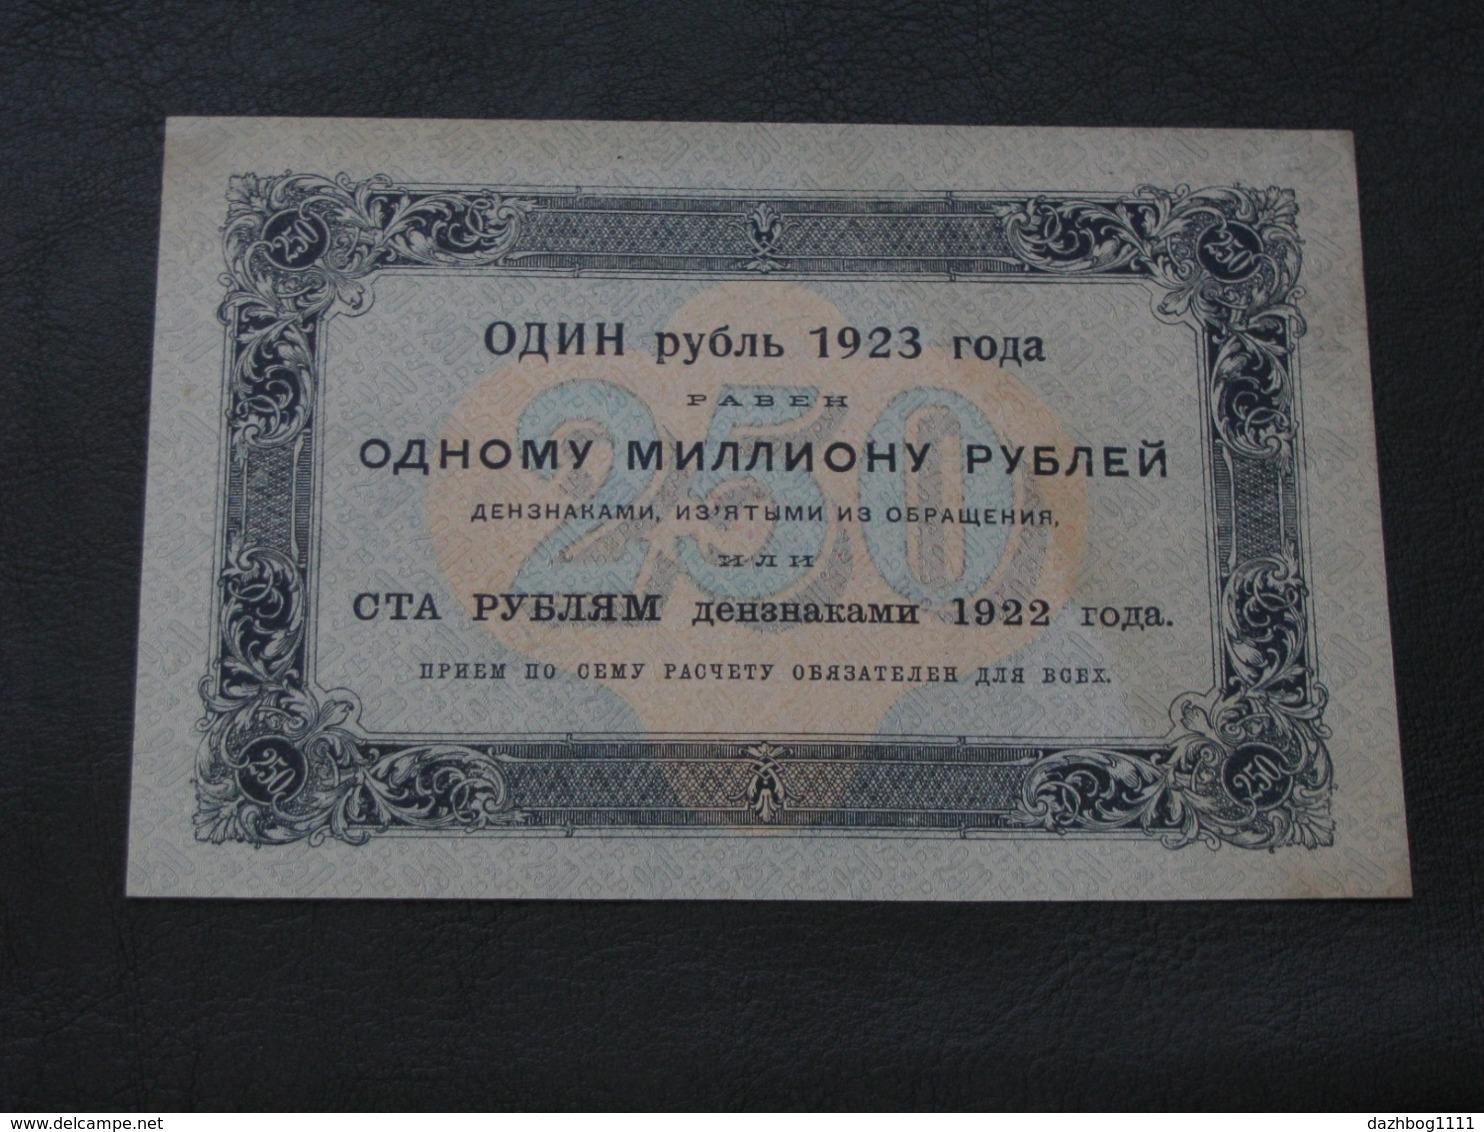 250 Rubles 1923 RSFSR Soviet Russia First Issue UNC Коллекционный Rare - Russia